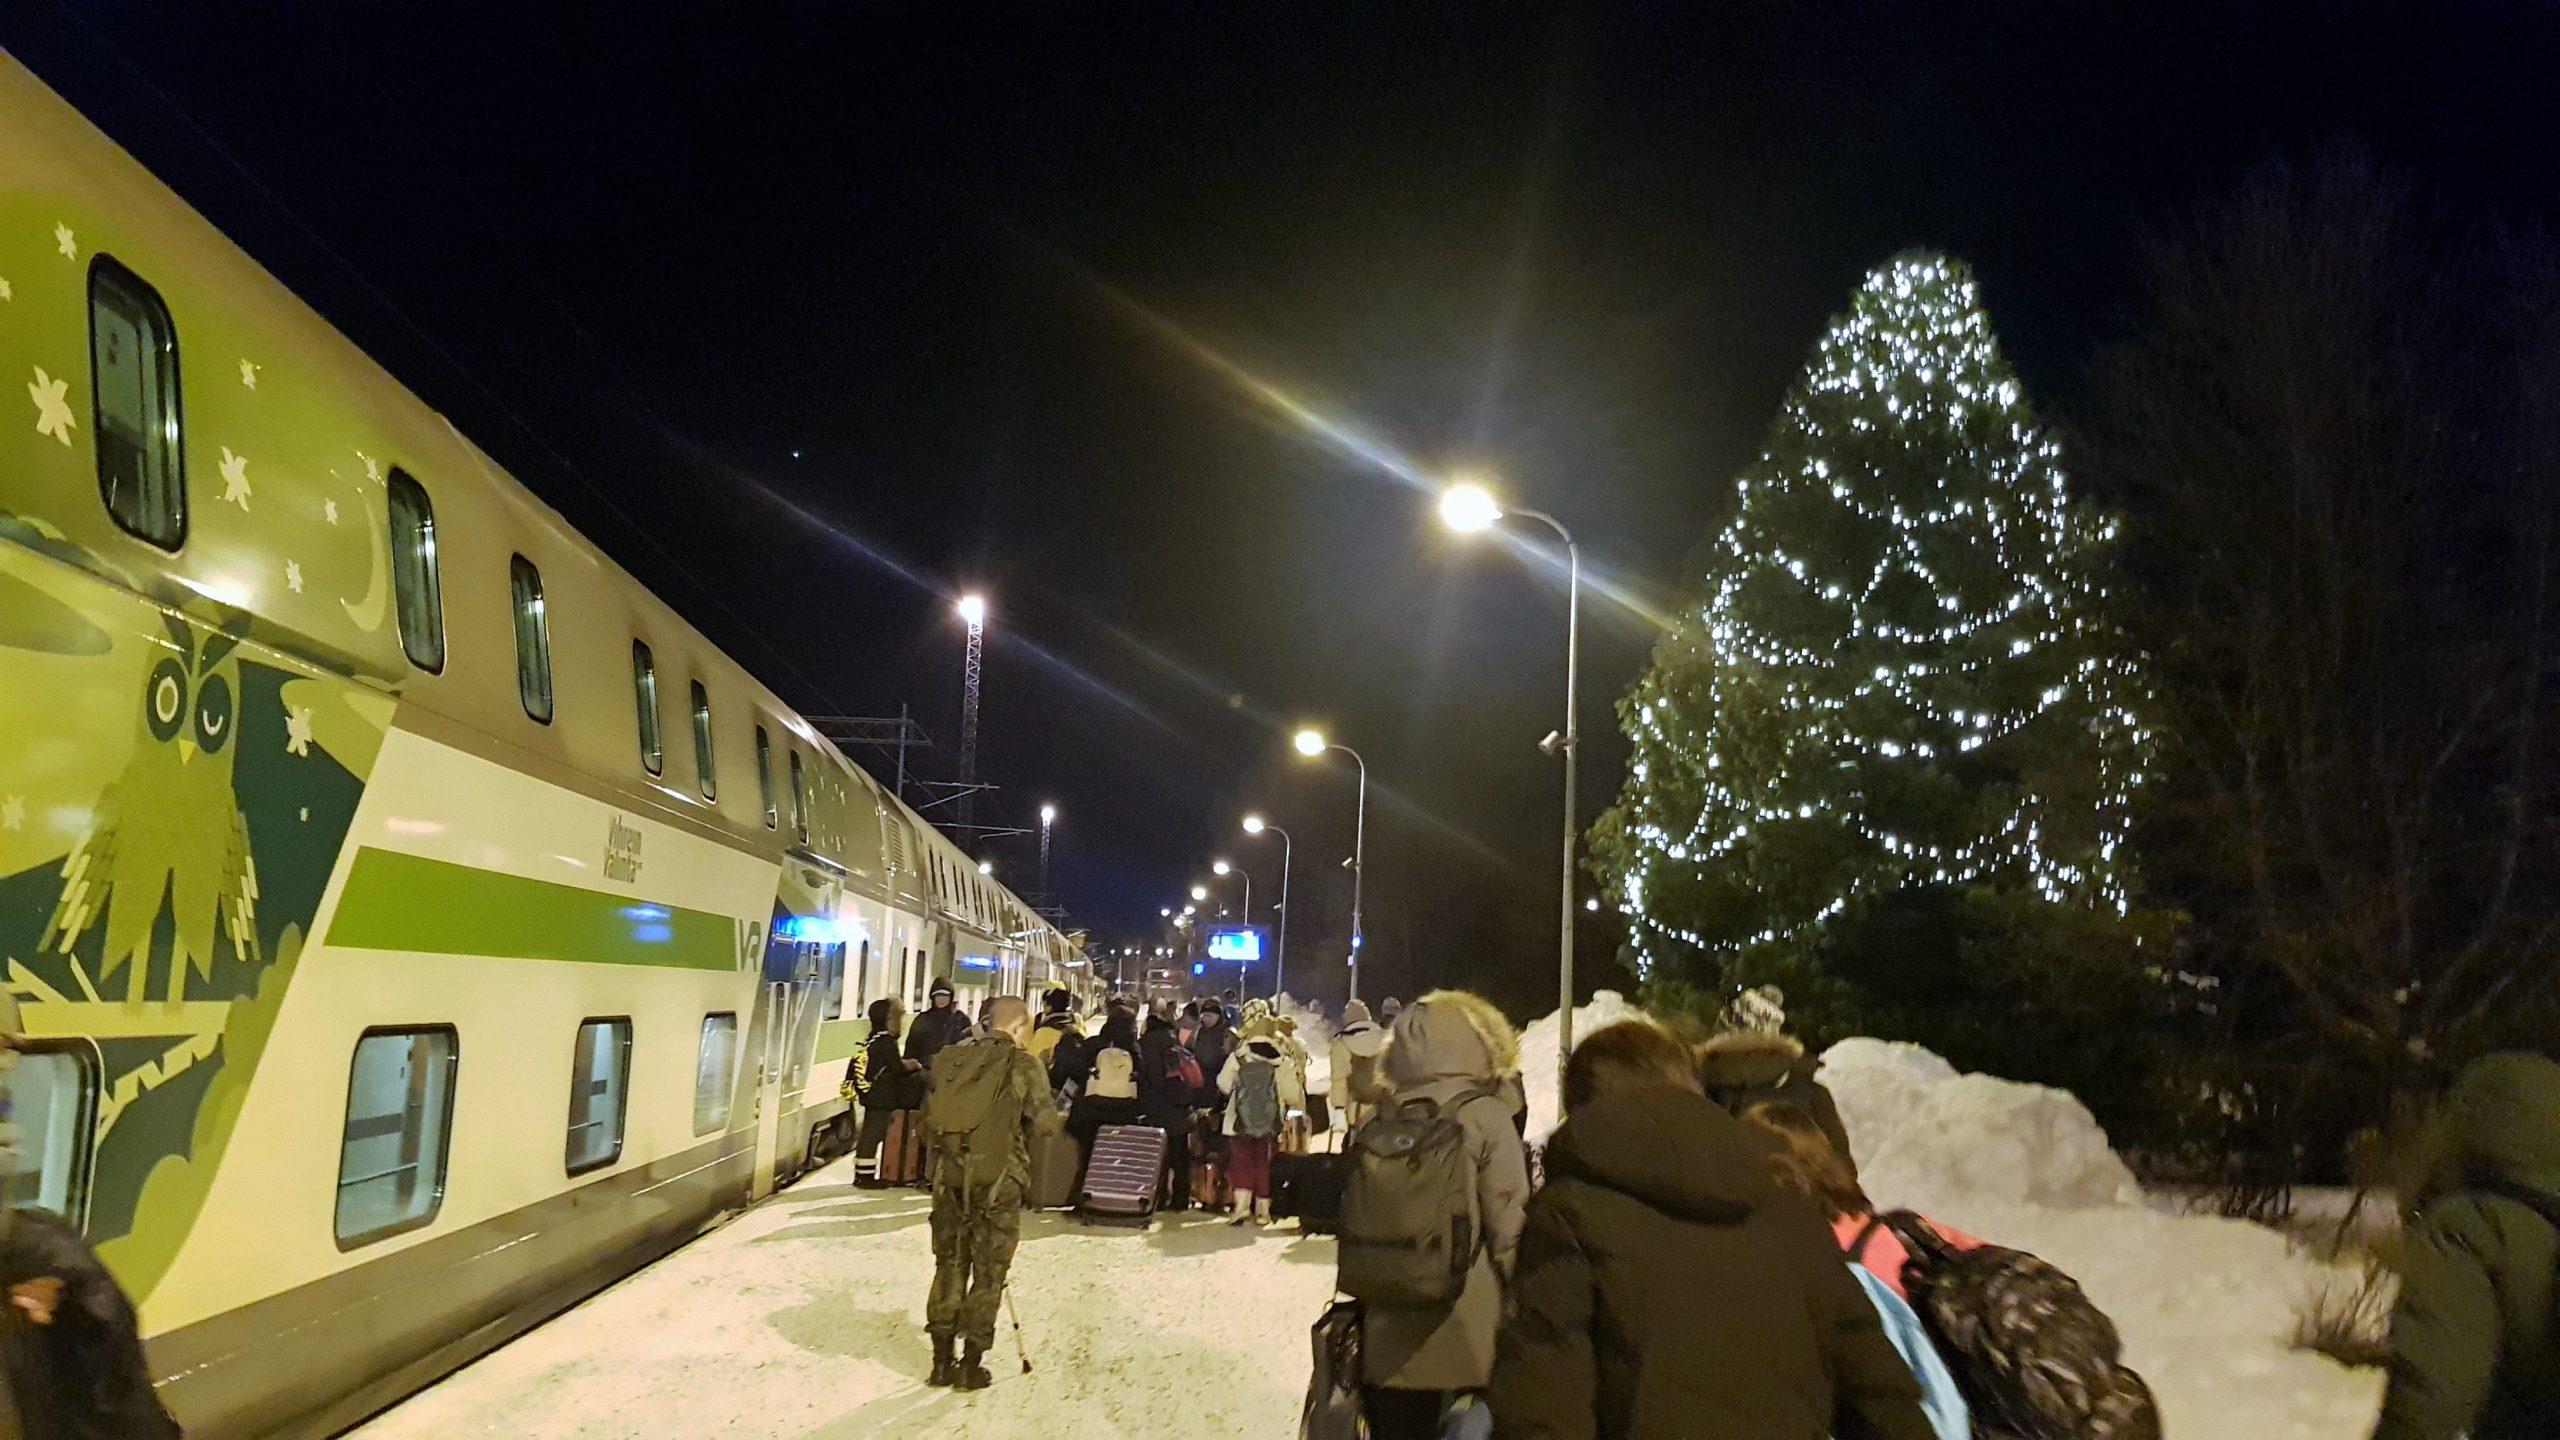 Gente subiendo al tren en la estación de Rovaniemi